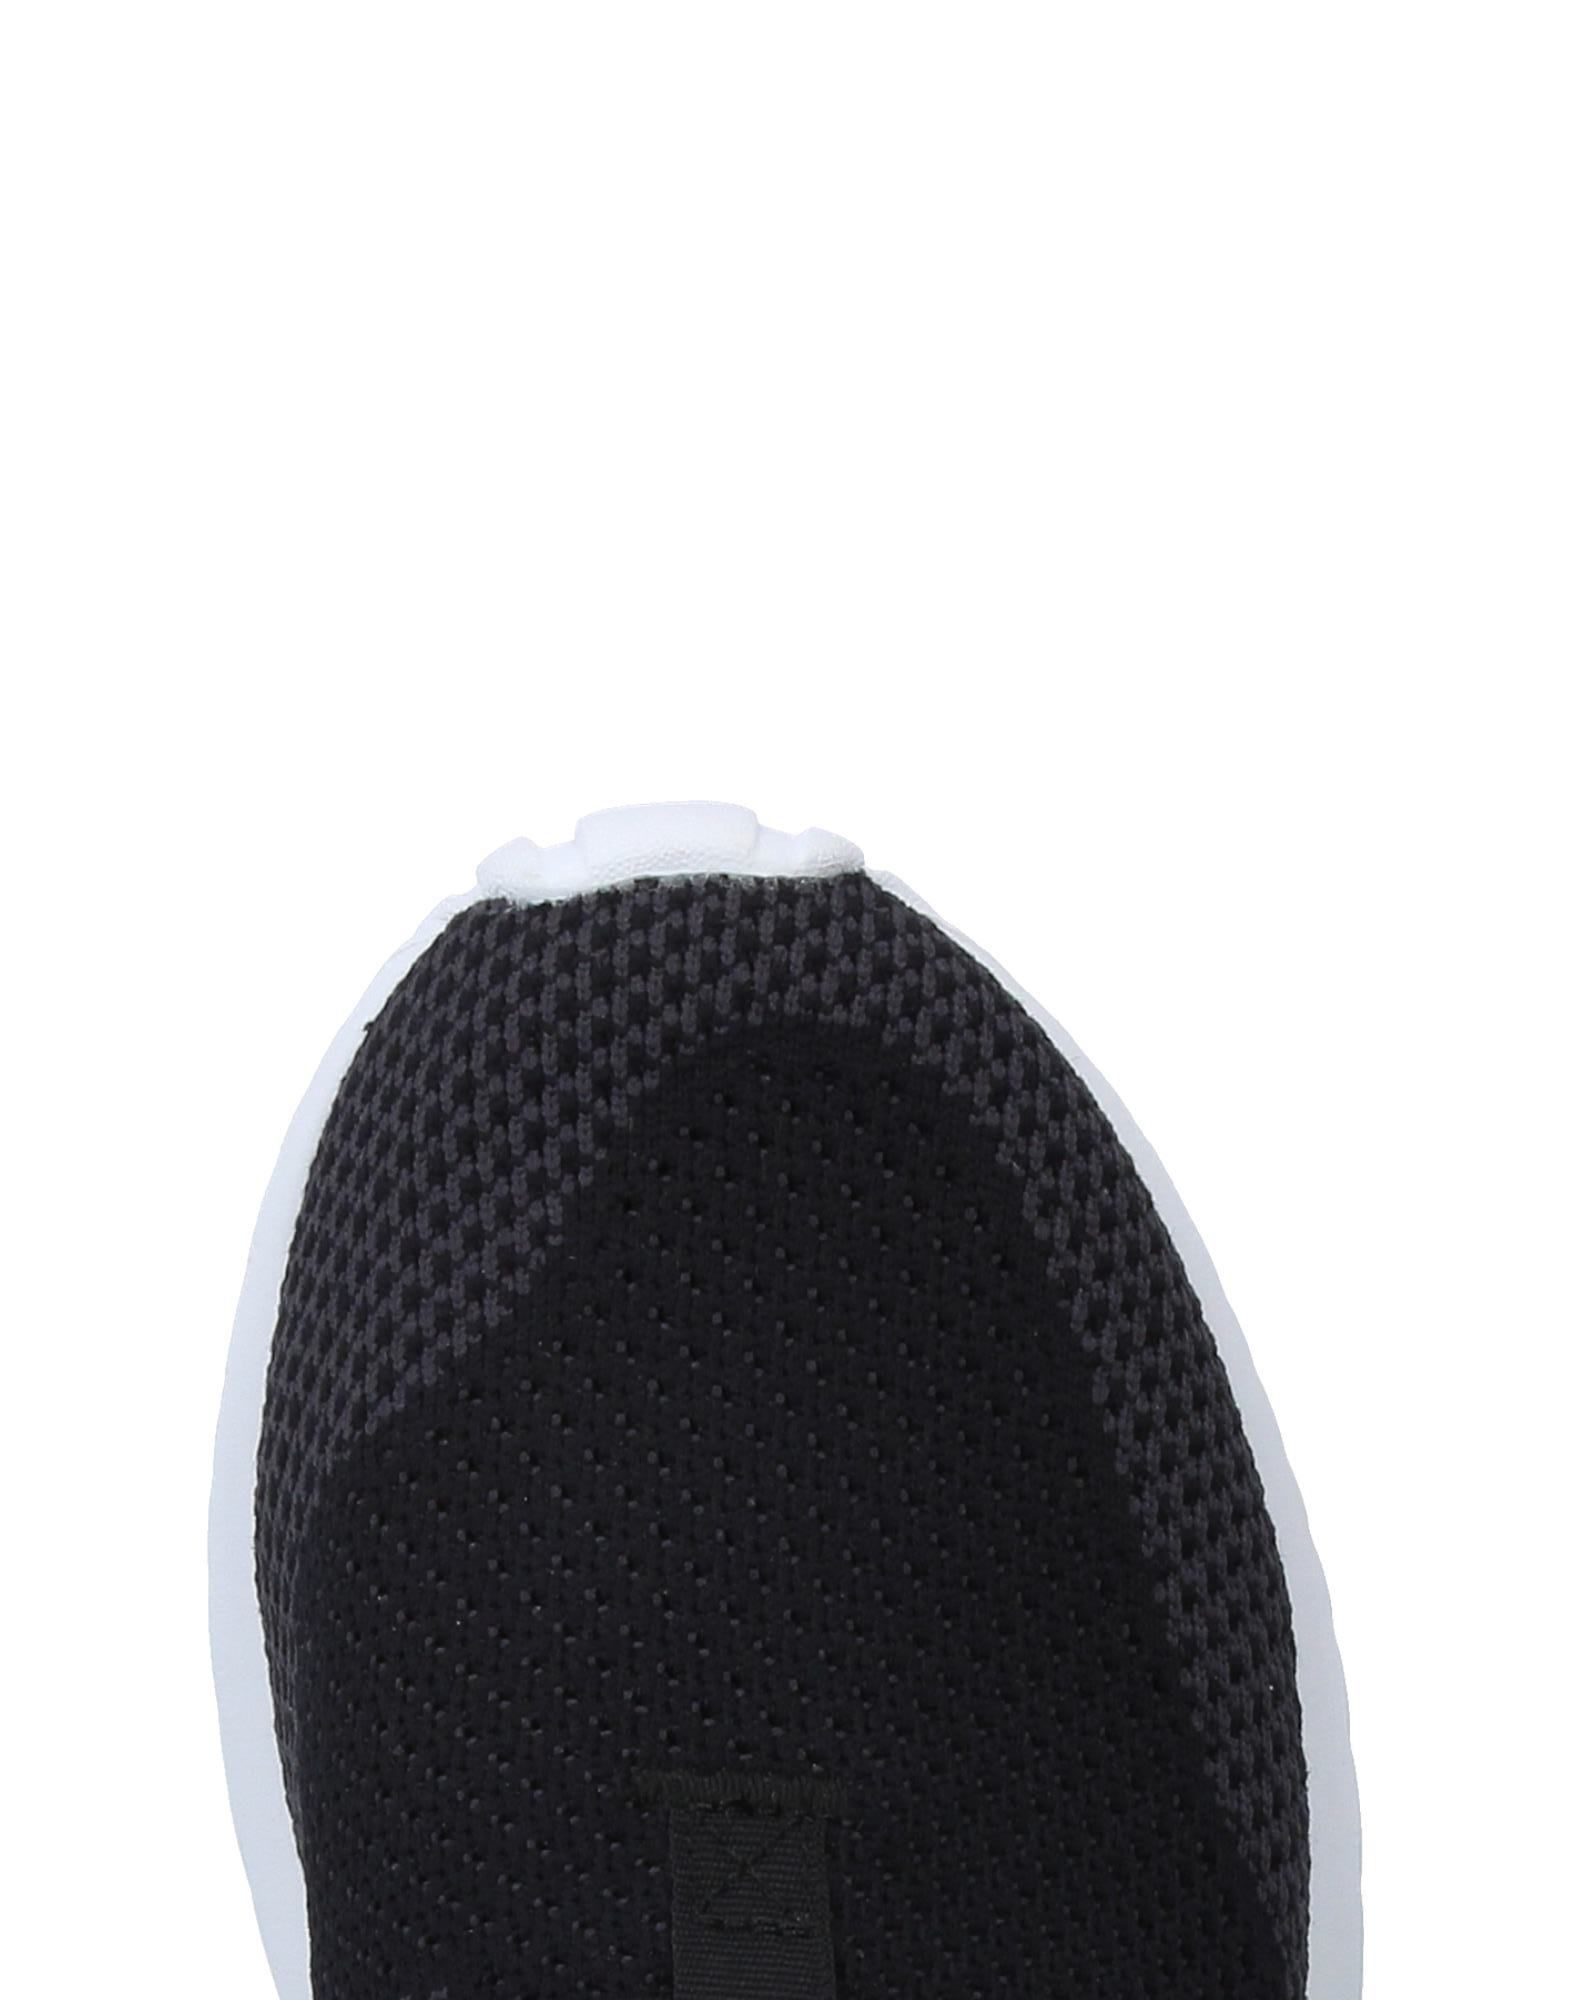 Rabatt echte Schuhe Adidas Originals Herren Sneakers Herren Originals  11231354VN 4f838d